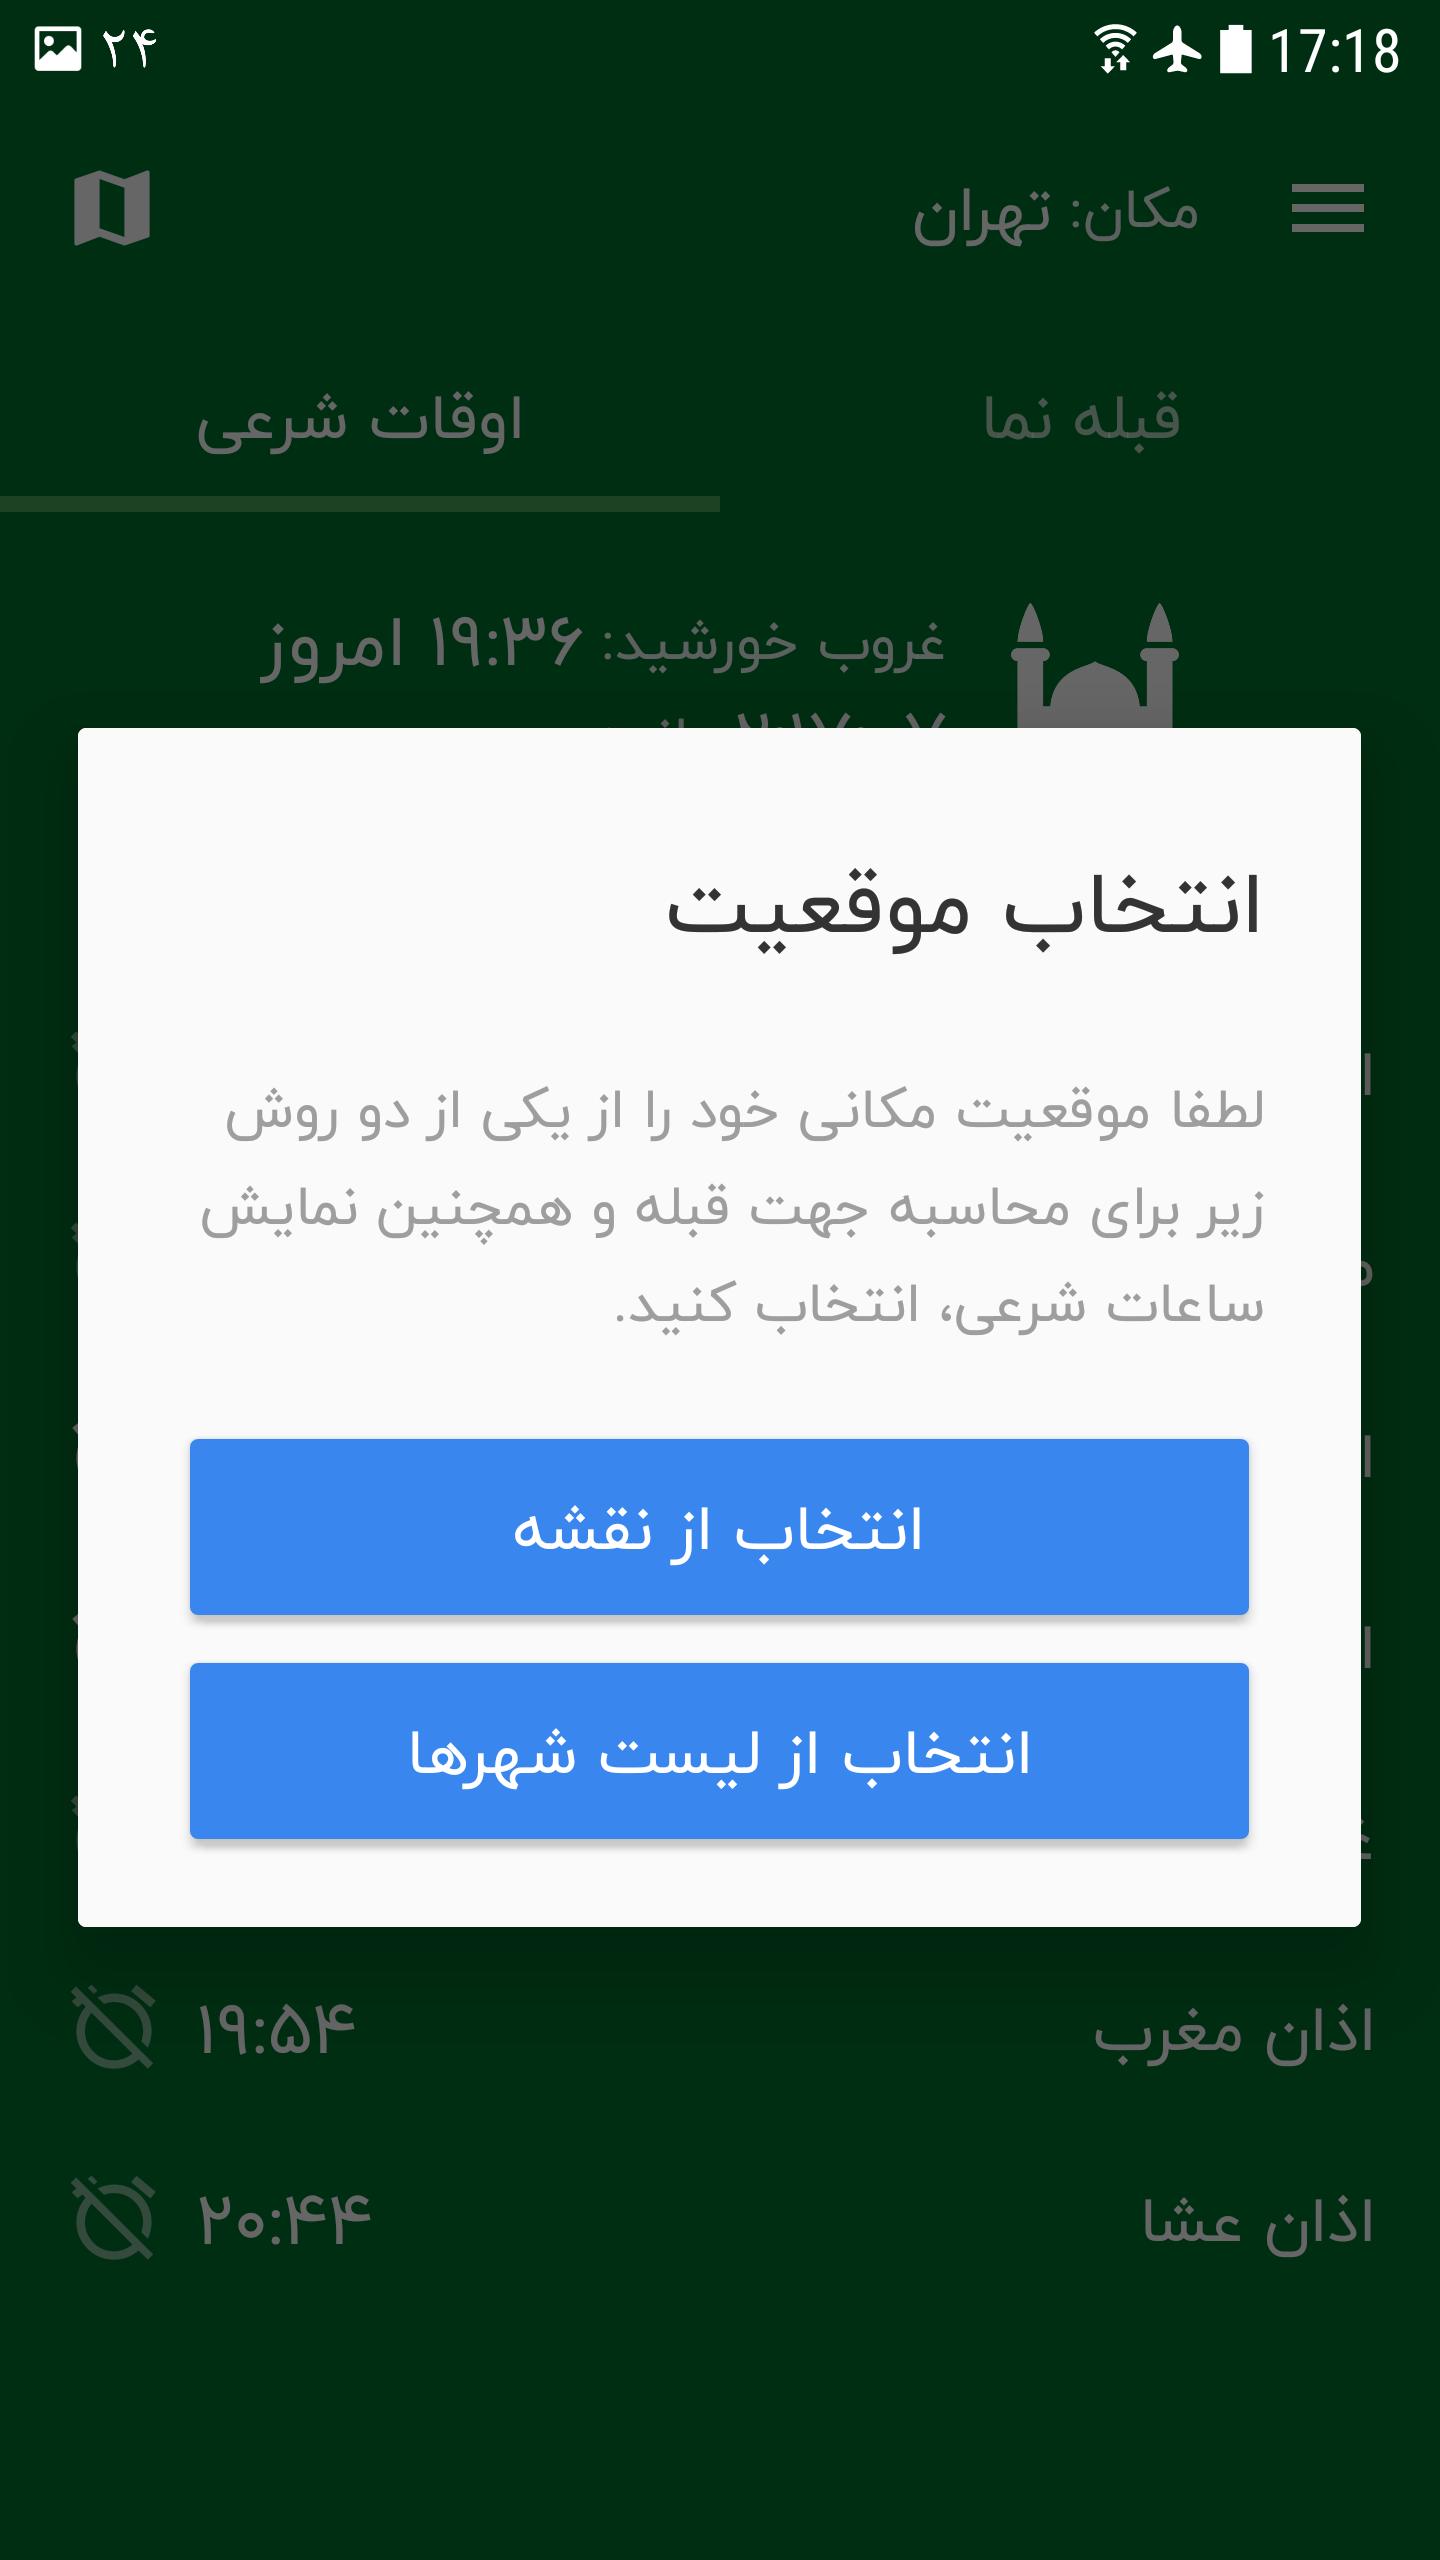 تصویر 5 برنامه قبله نما و اعلان وقت نماز